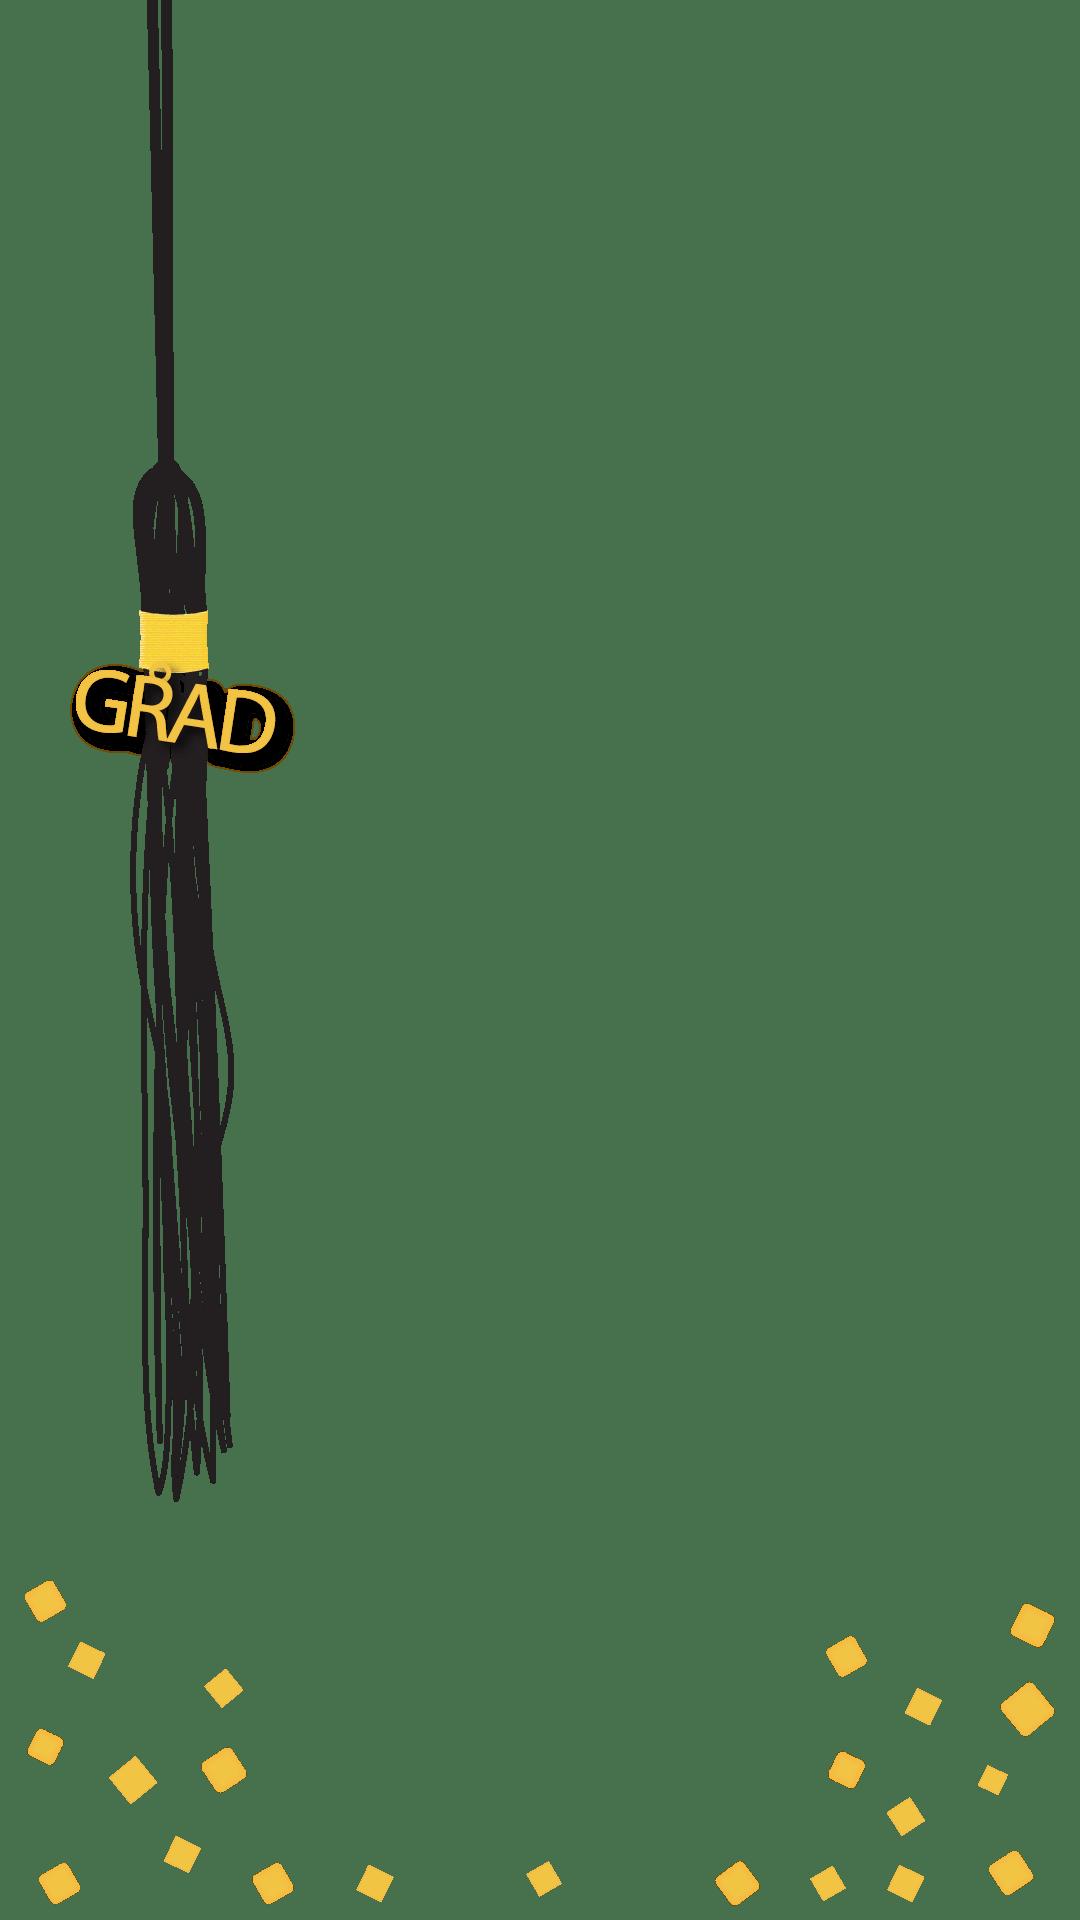 Graduation Tassel Graduation Snapchat Filter